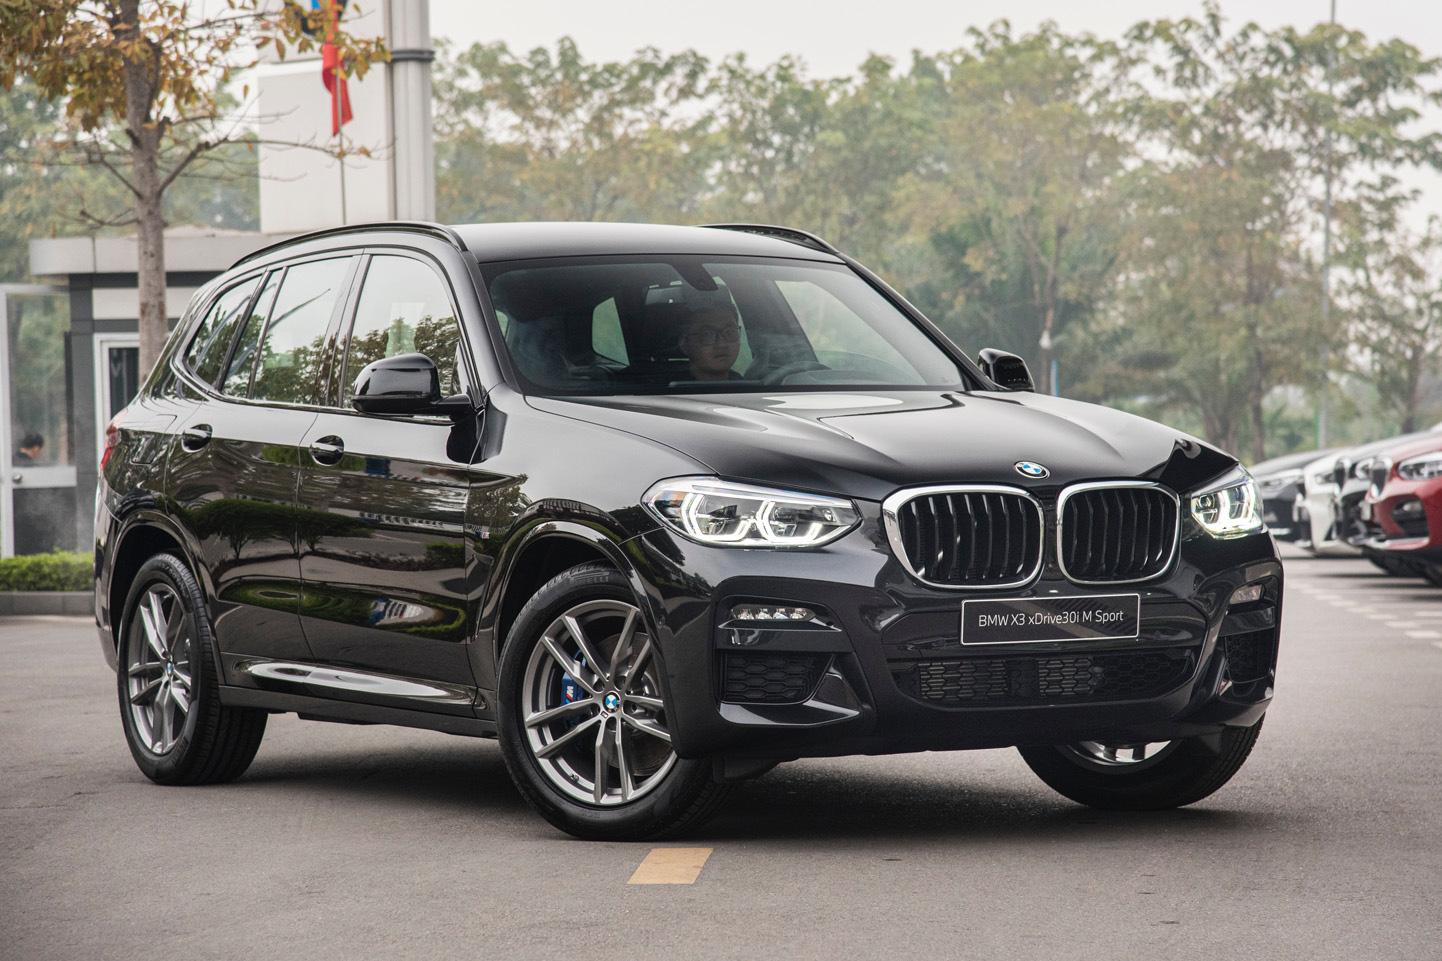 BMW X3 M Sport 2021 về đại lý: Giá gần 3 tỷ, thêm 12 trang bị mới, đấu Mercedes-Benz GLC 300